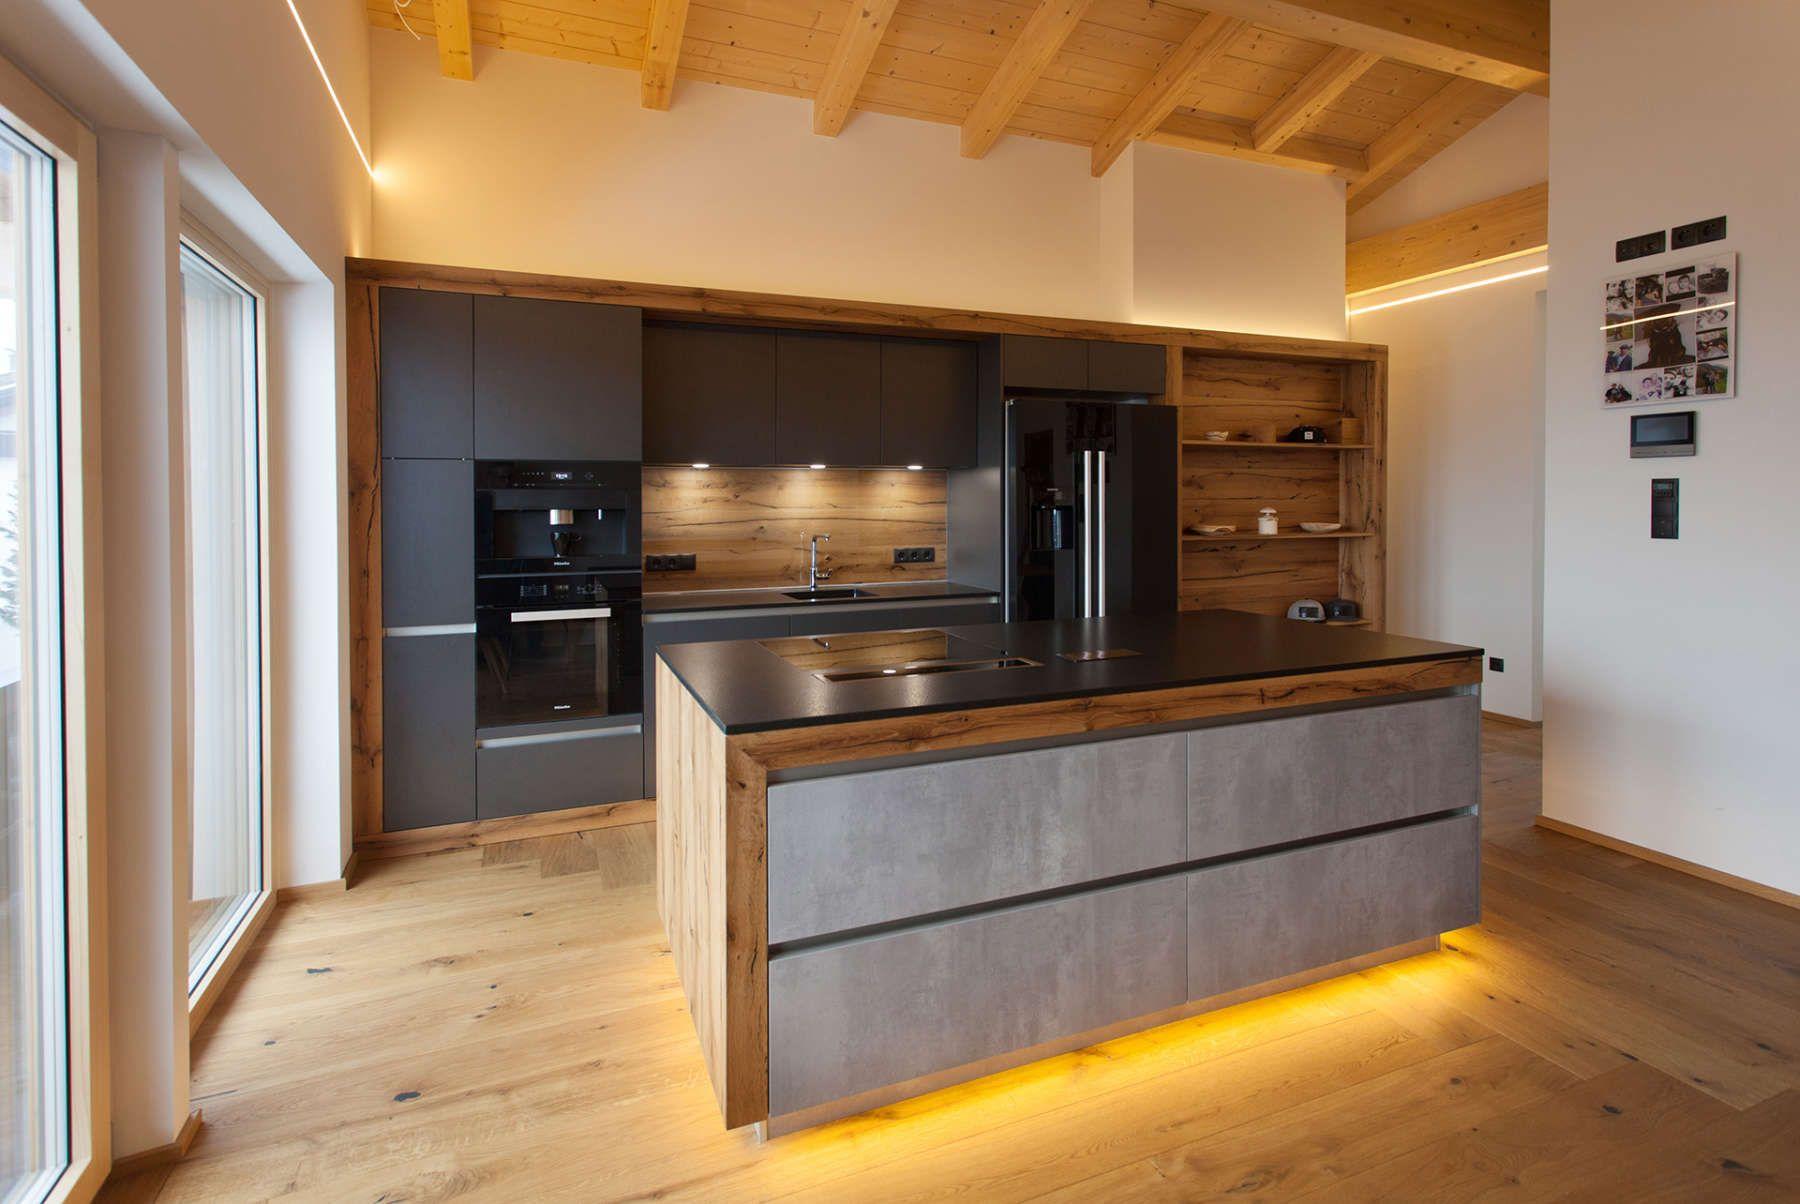 moderne küchen | moderne küche, küchen design, küchen ideen